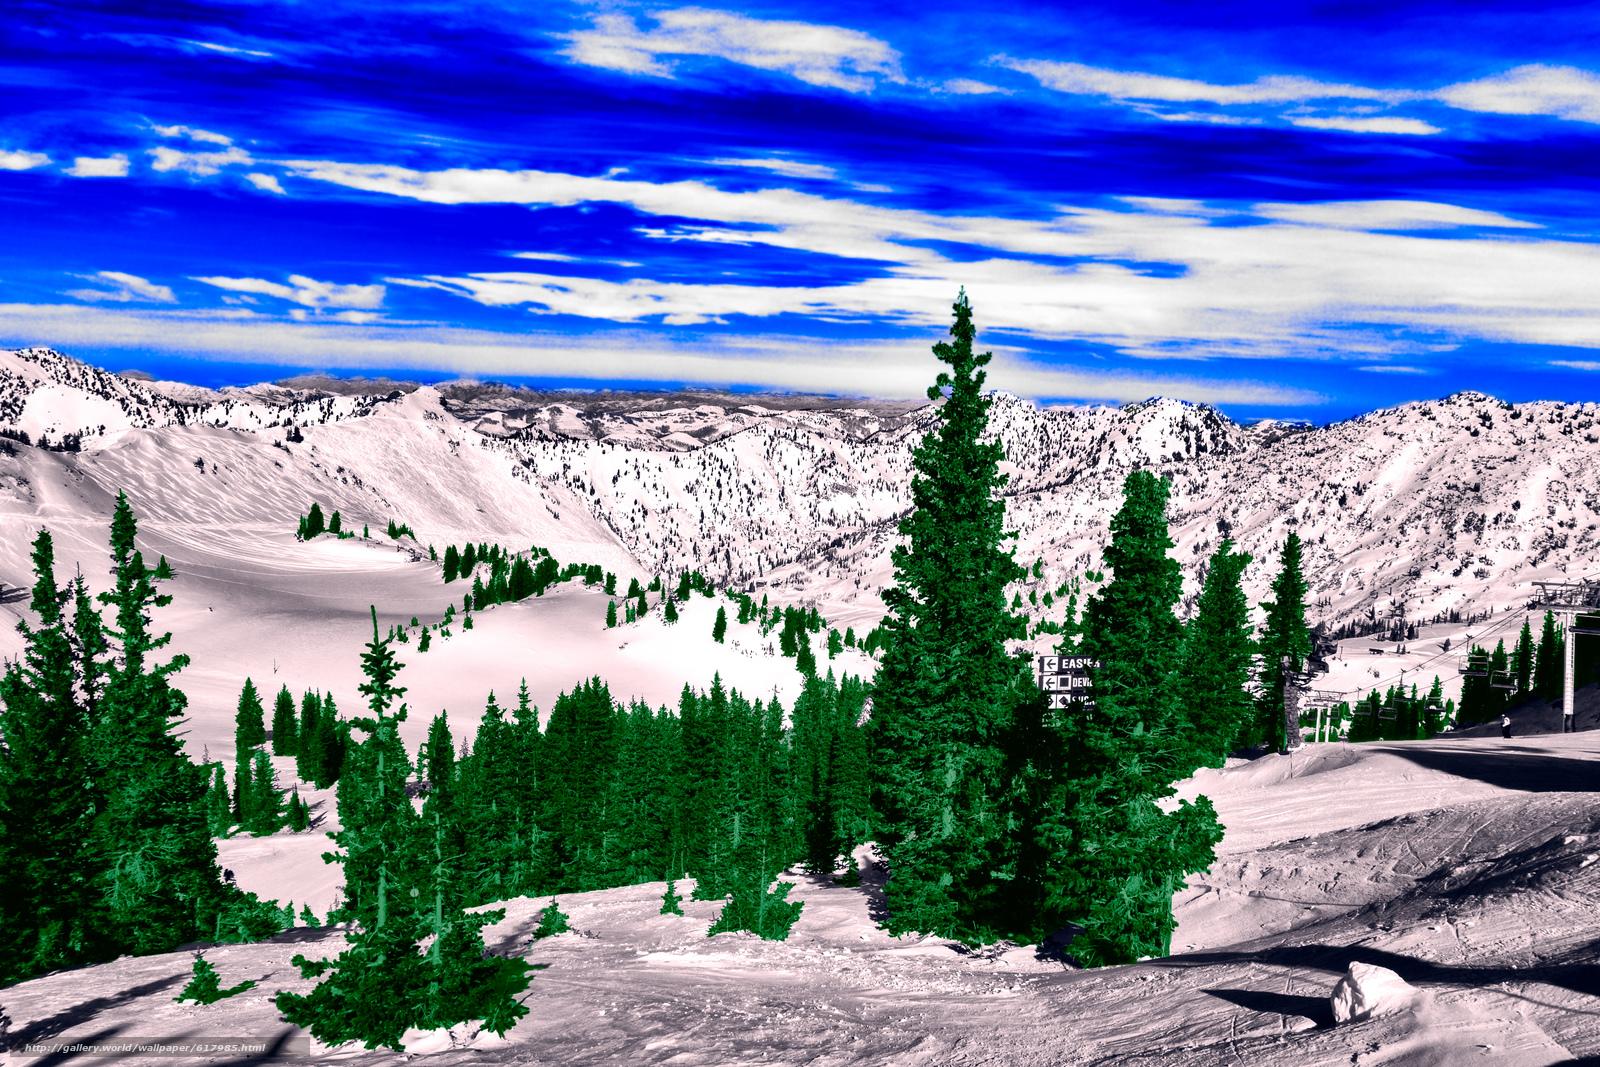 Скачать обои зима,  горы,  деревья,  пейзаж бесплатно для рабочего стола в разрешении 4931x3288 — картинка №617985